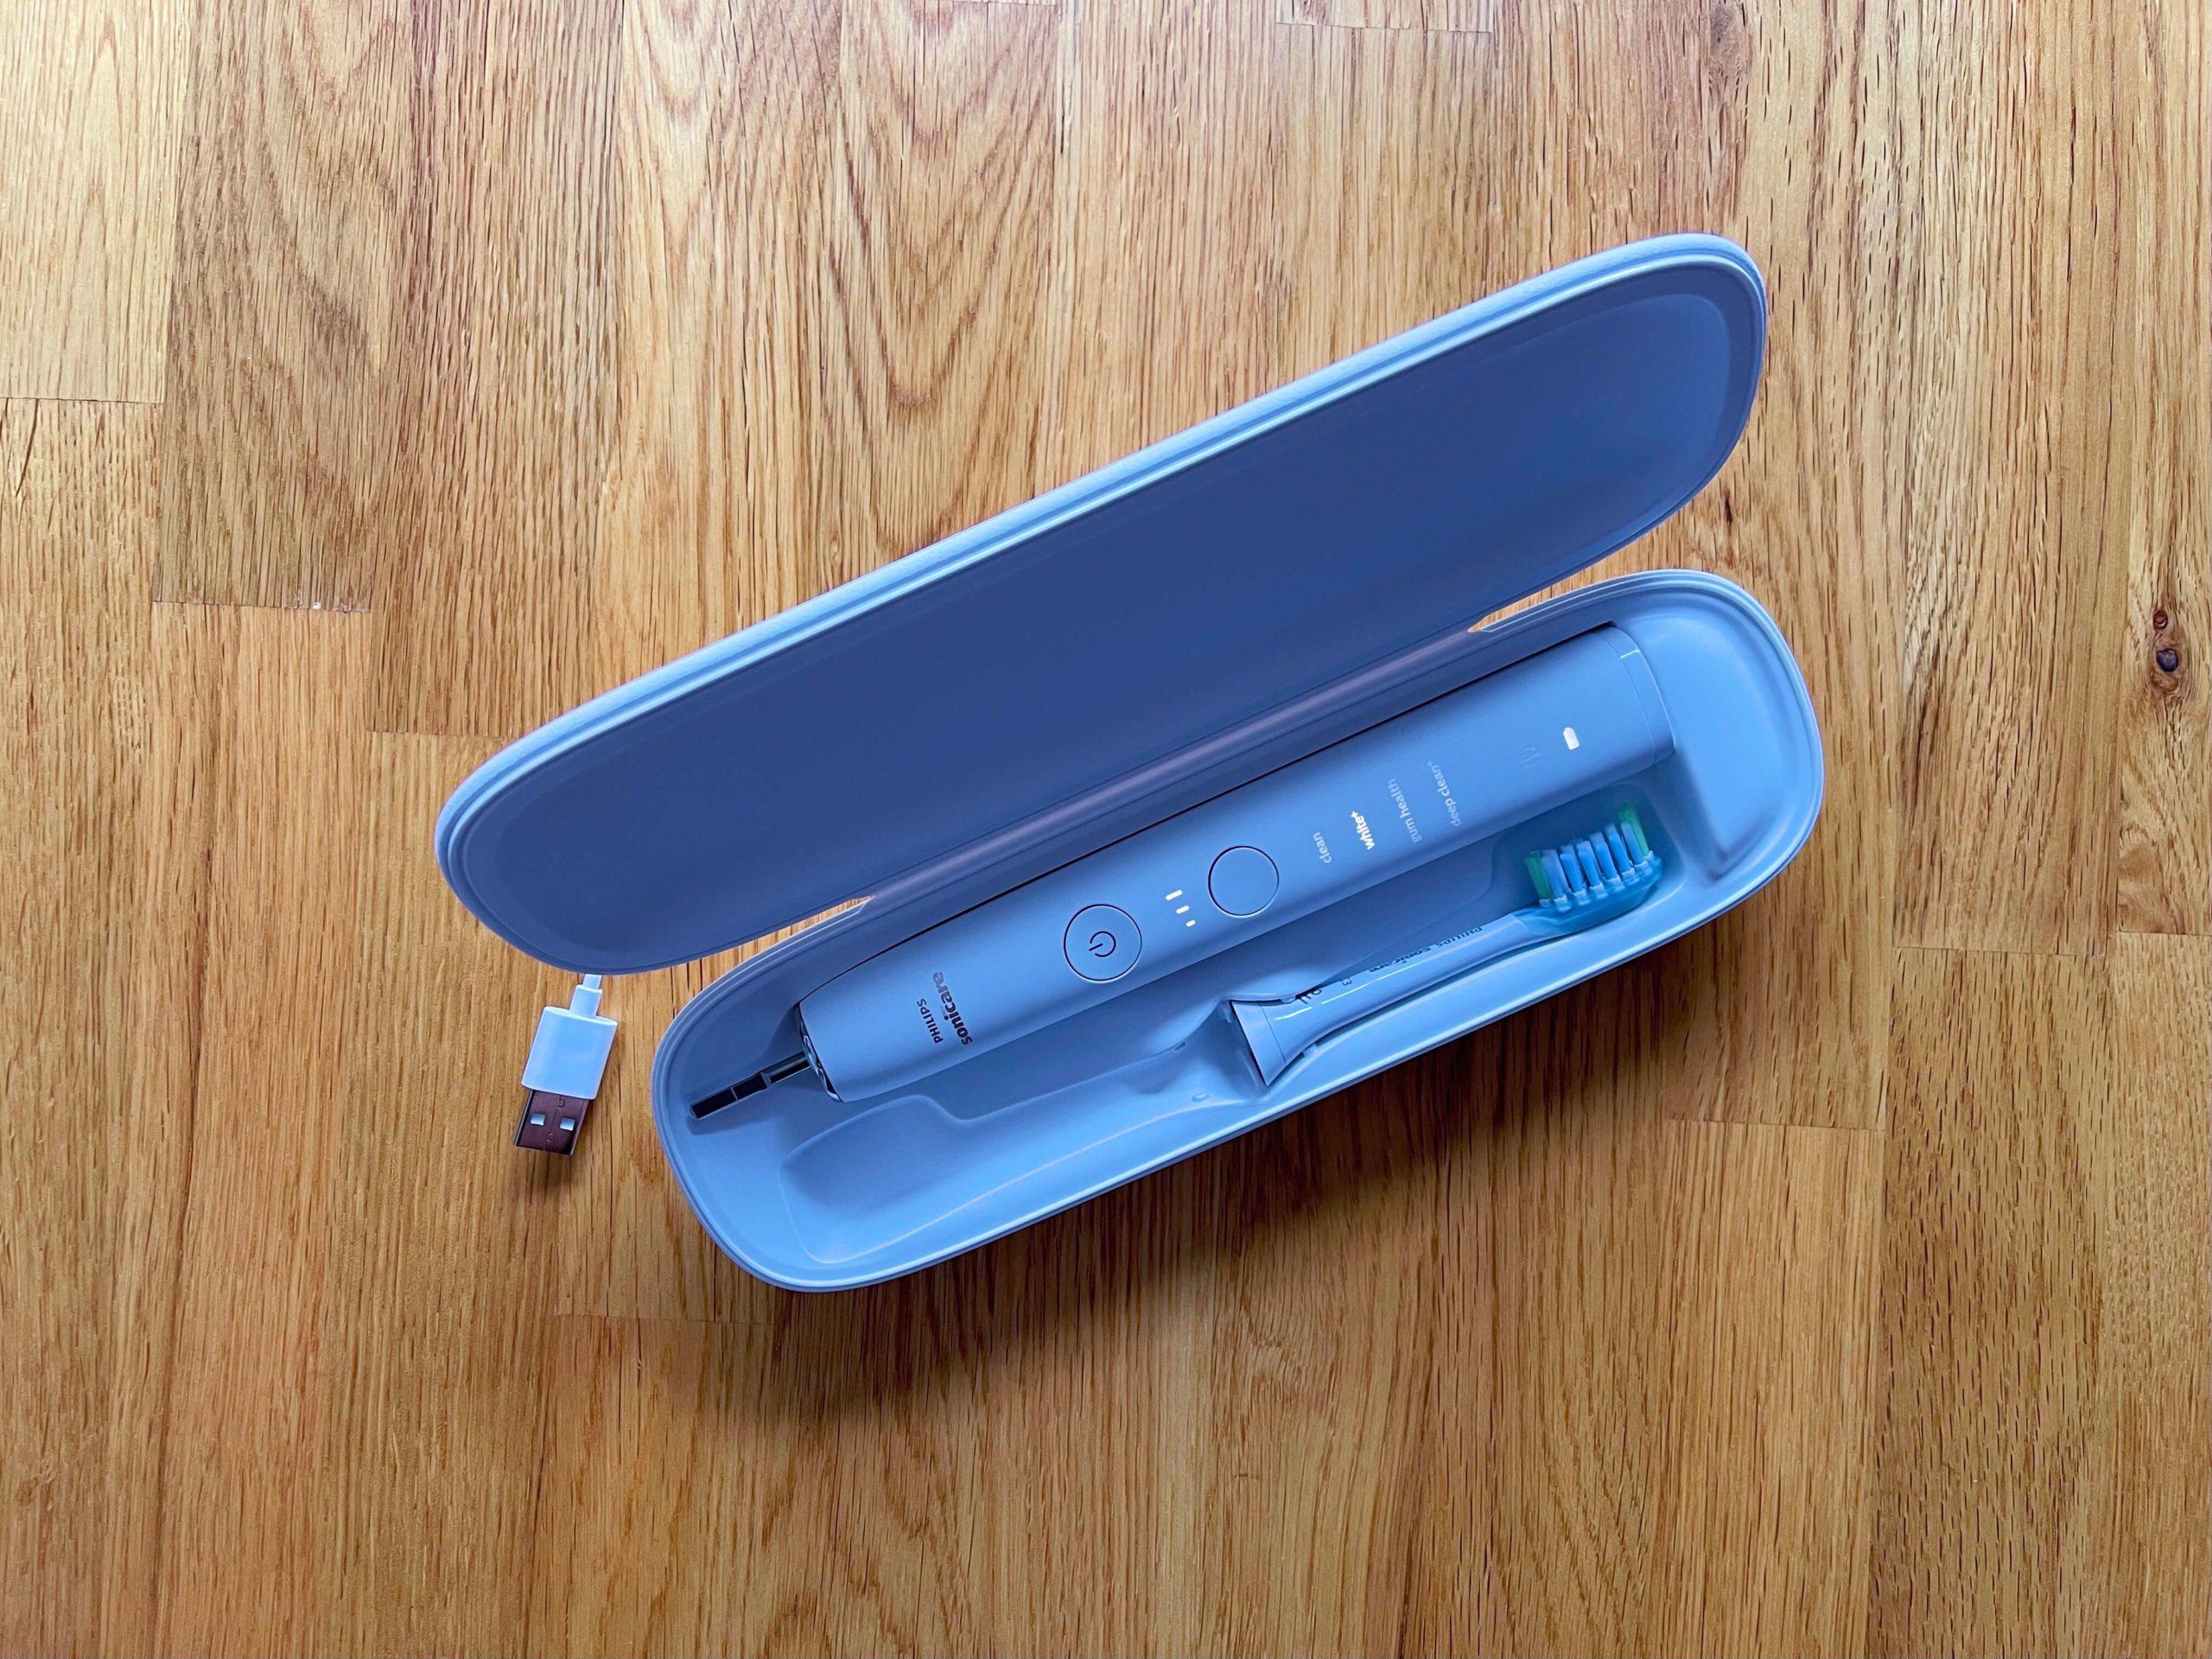 Sonicare-DiamondClean-Schallzahnbuerste-von-Philips-blendende-Aussichten9-scaled Sonicare DiamondClean Schallzahnbürste von Philips - blendende Aussichten